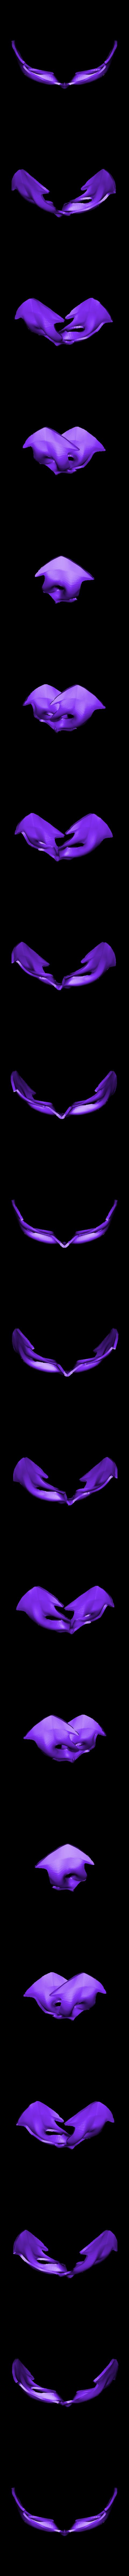 mask nightwing rebirth.stl Download STL file MASK NIGHTWING REBIRTH 1.0 • Template to 3D print, ArtViche